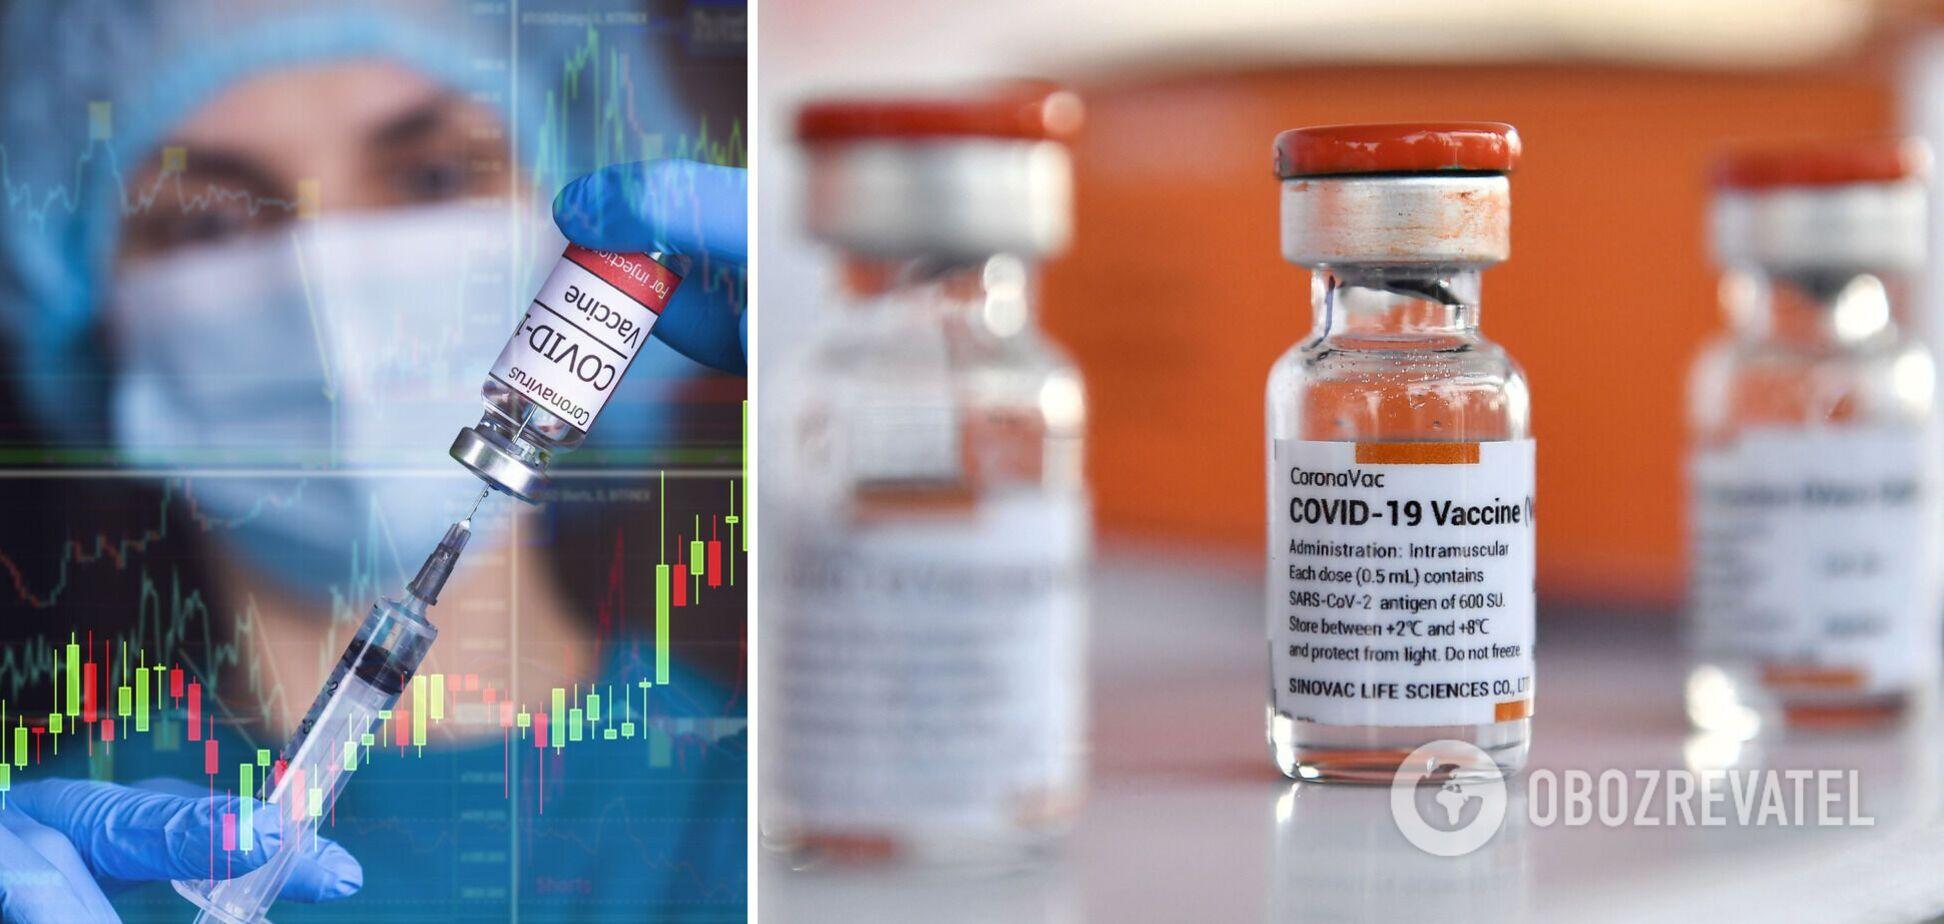 Імовірність зараження COVID-19 після щеплення: лікарка дала пояснення та поради